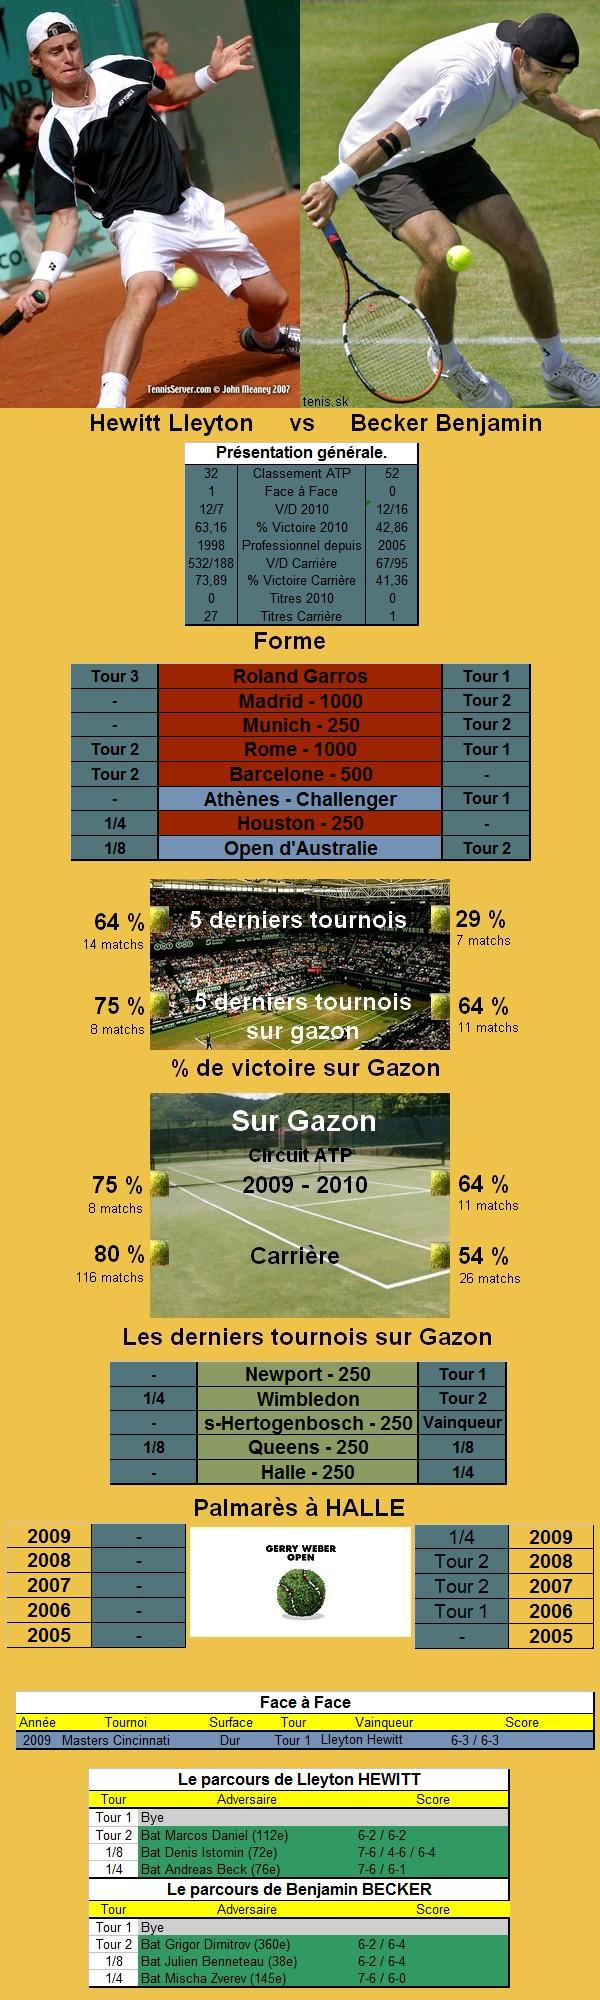 Statistiques tennis de Hewitt contre Becker a Halle